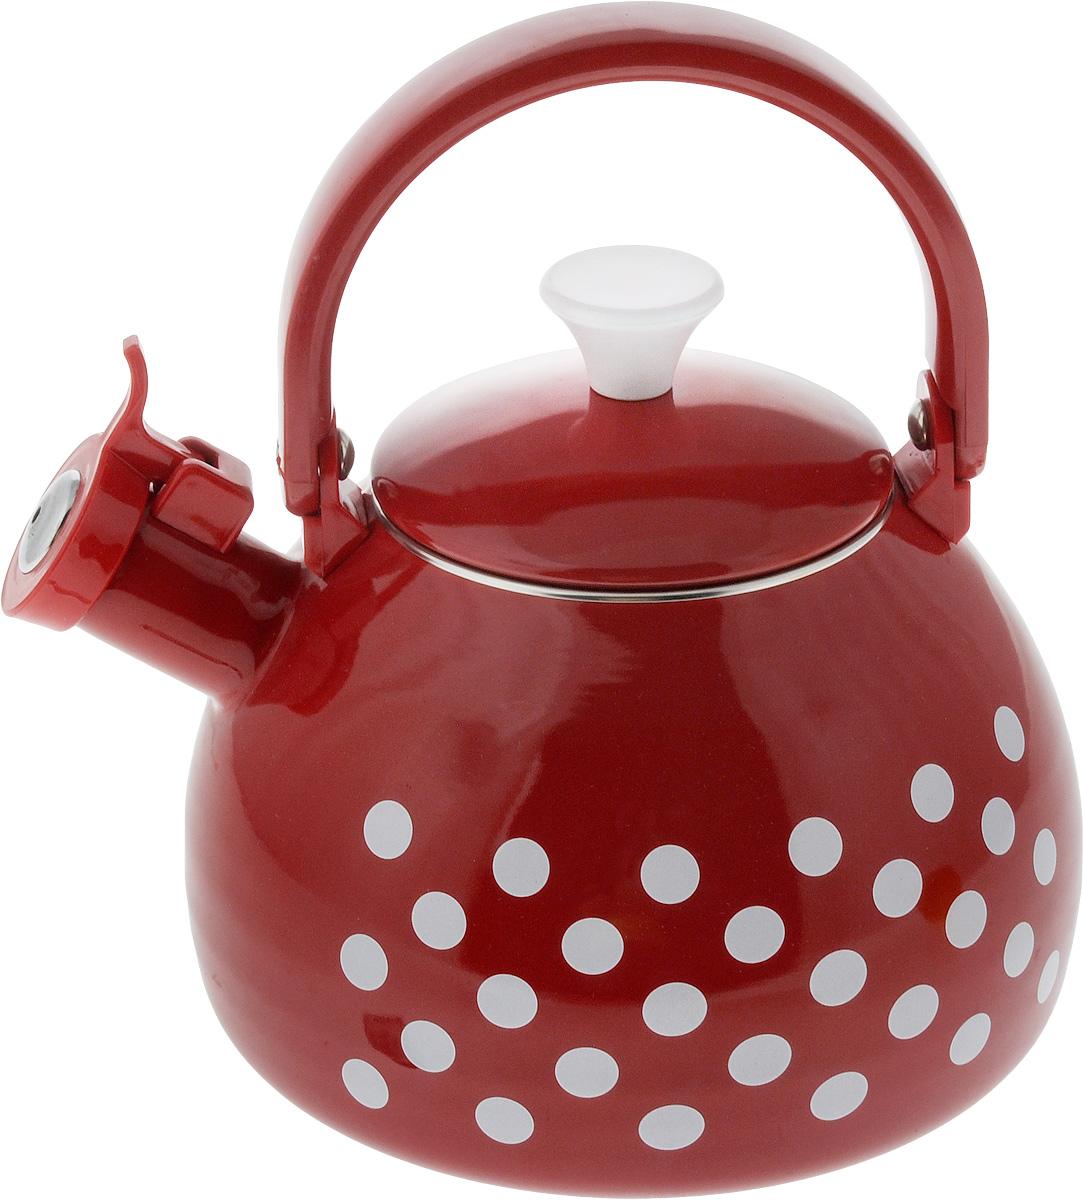 Чайник эмалированный Мetrot Горох, 2,75 л170701Чайник Мetrot Горох выполнен из стали с эмалированным покрытием. Внешние стенки оформлены ярким рисунком.Эмалированная посуда инертна и устойчива к пищевым кислотам, не вступает во взаимодействие с продуктами и не искажает их вкусовые качества. Эмалевое покрытие, являясь стекольной массой, не вызывает аллергию и надежно защищает пищу от контакта с металлом. Кроме того, такое покрытие долговечно, оно устойчиво к механическому воздействию, не царапается и не сходит, а стальная основа практически не подвержена механической деформации, благодаря чему срок эксплуатации увеличивается. Носик чайника оснащен насадкой-свистком, что позволит вам контролировать процесс подогрева или кипячения воды. Подвижная ручка изготовлена из качественного металла. Эстетичный и функциональный чайник будет оригинально смотреться в любом интерьере.Подходит для всех типов плит, включая галогеновые конфорки и индукционные плиты. Можно мыть в посудомоечной машине. Высота чайника (без учета ручки и крышки): 13,5 см.Высота чайника (с учетом ручки): 24 см.